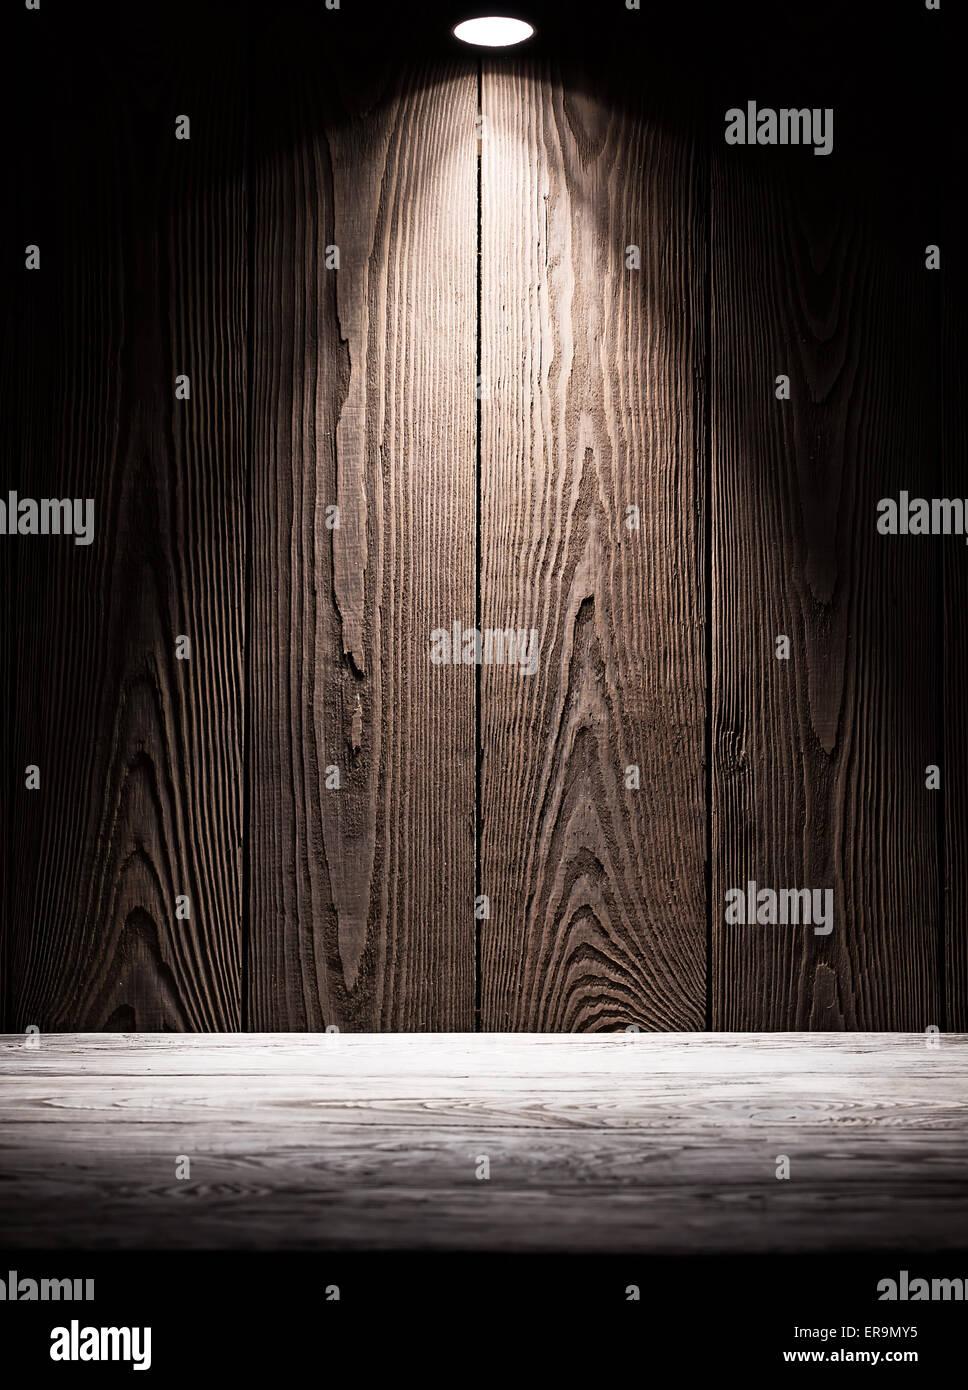 Hintergrundtextur von Holzbrettern mit Beleuchtung von oben Stockbild